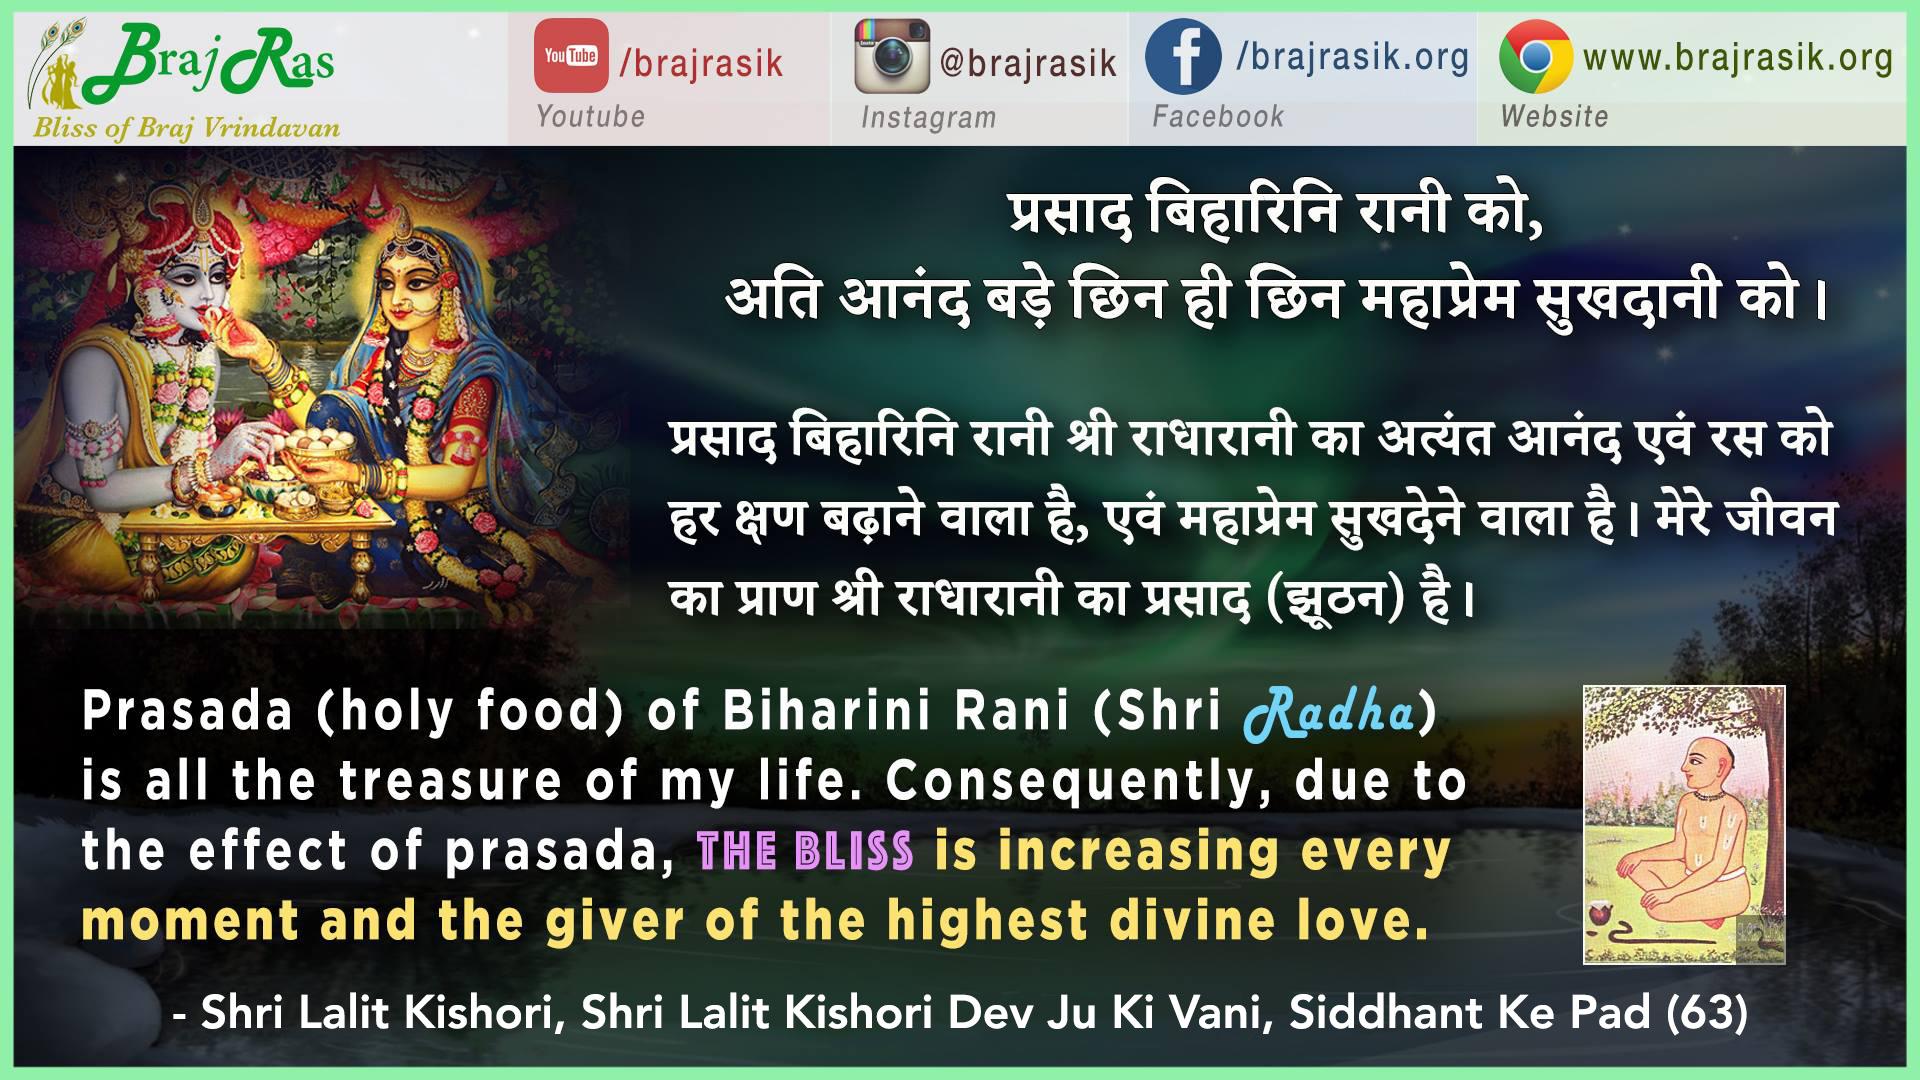 Prasad Biharini Rani Ko - Shri Lalit Kishori, Abhilash Madhuri